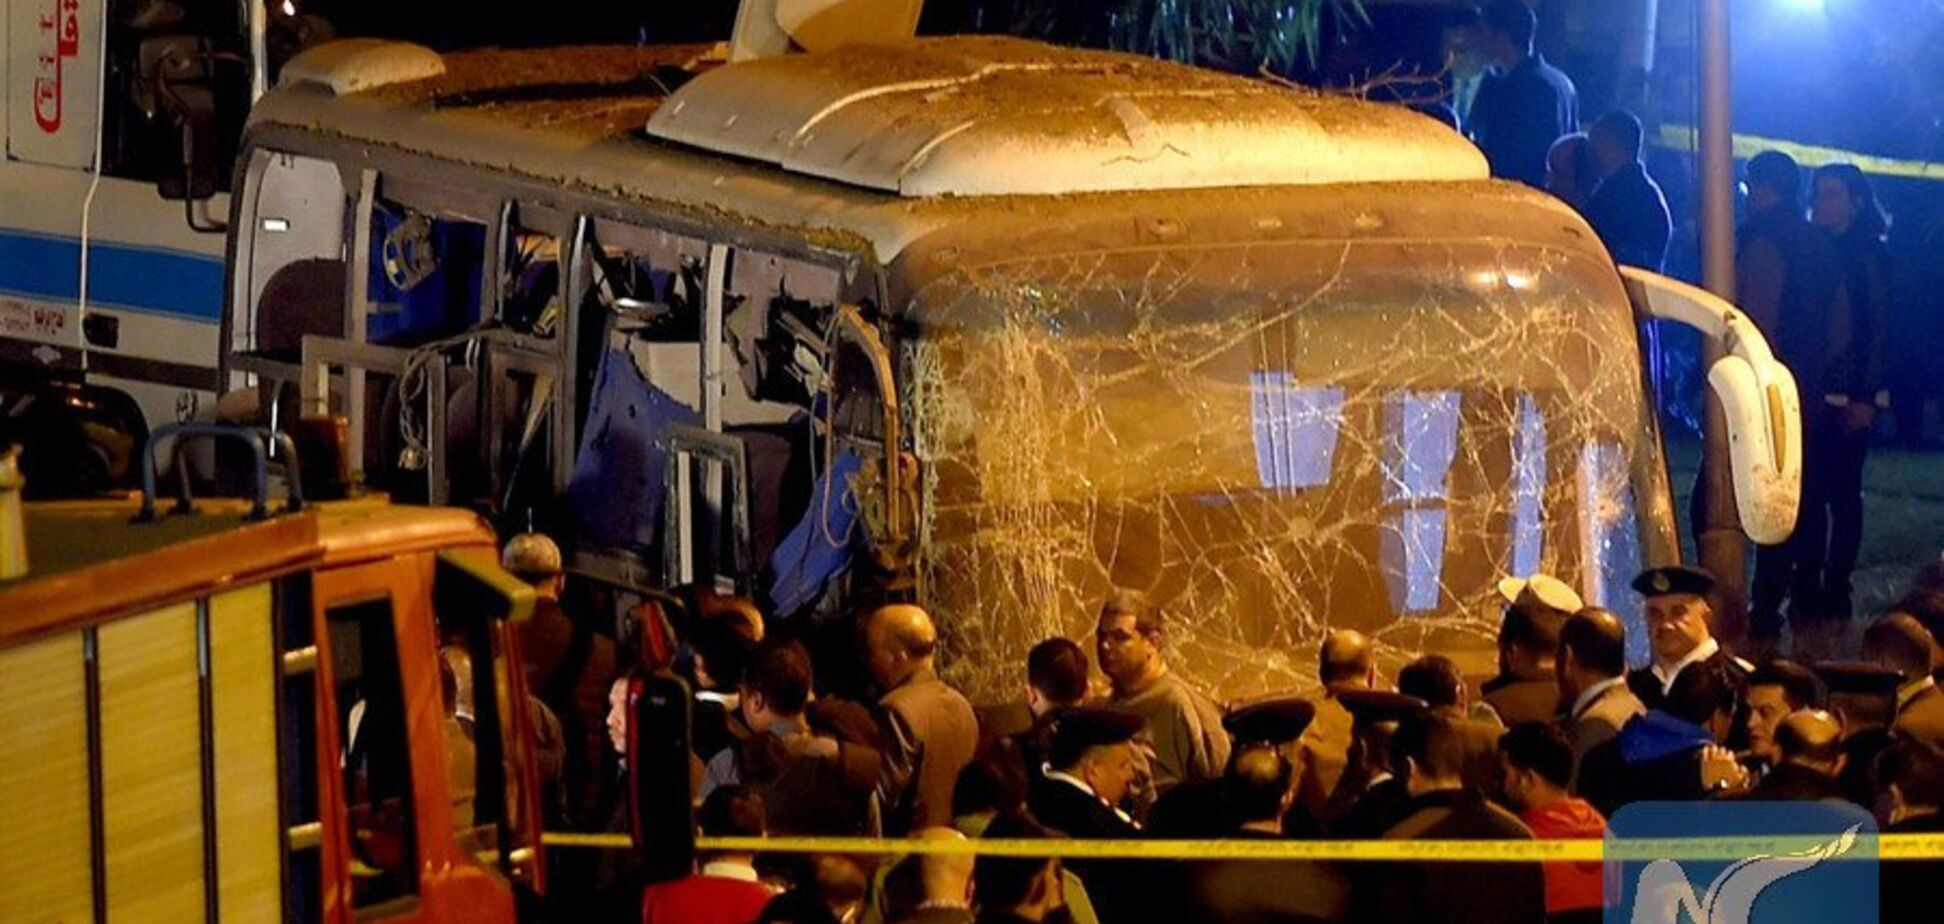 Возле пирамид Египта взорван автобус с туристами: 4 жертвы, 11 раненых